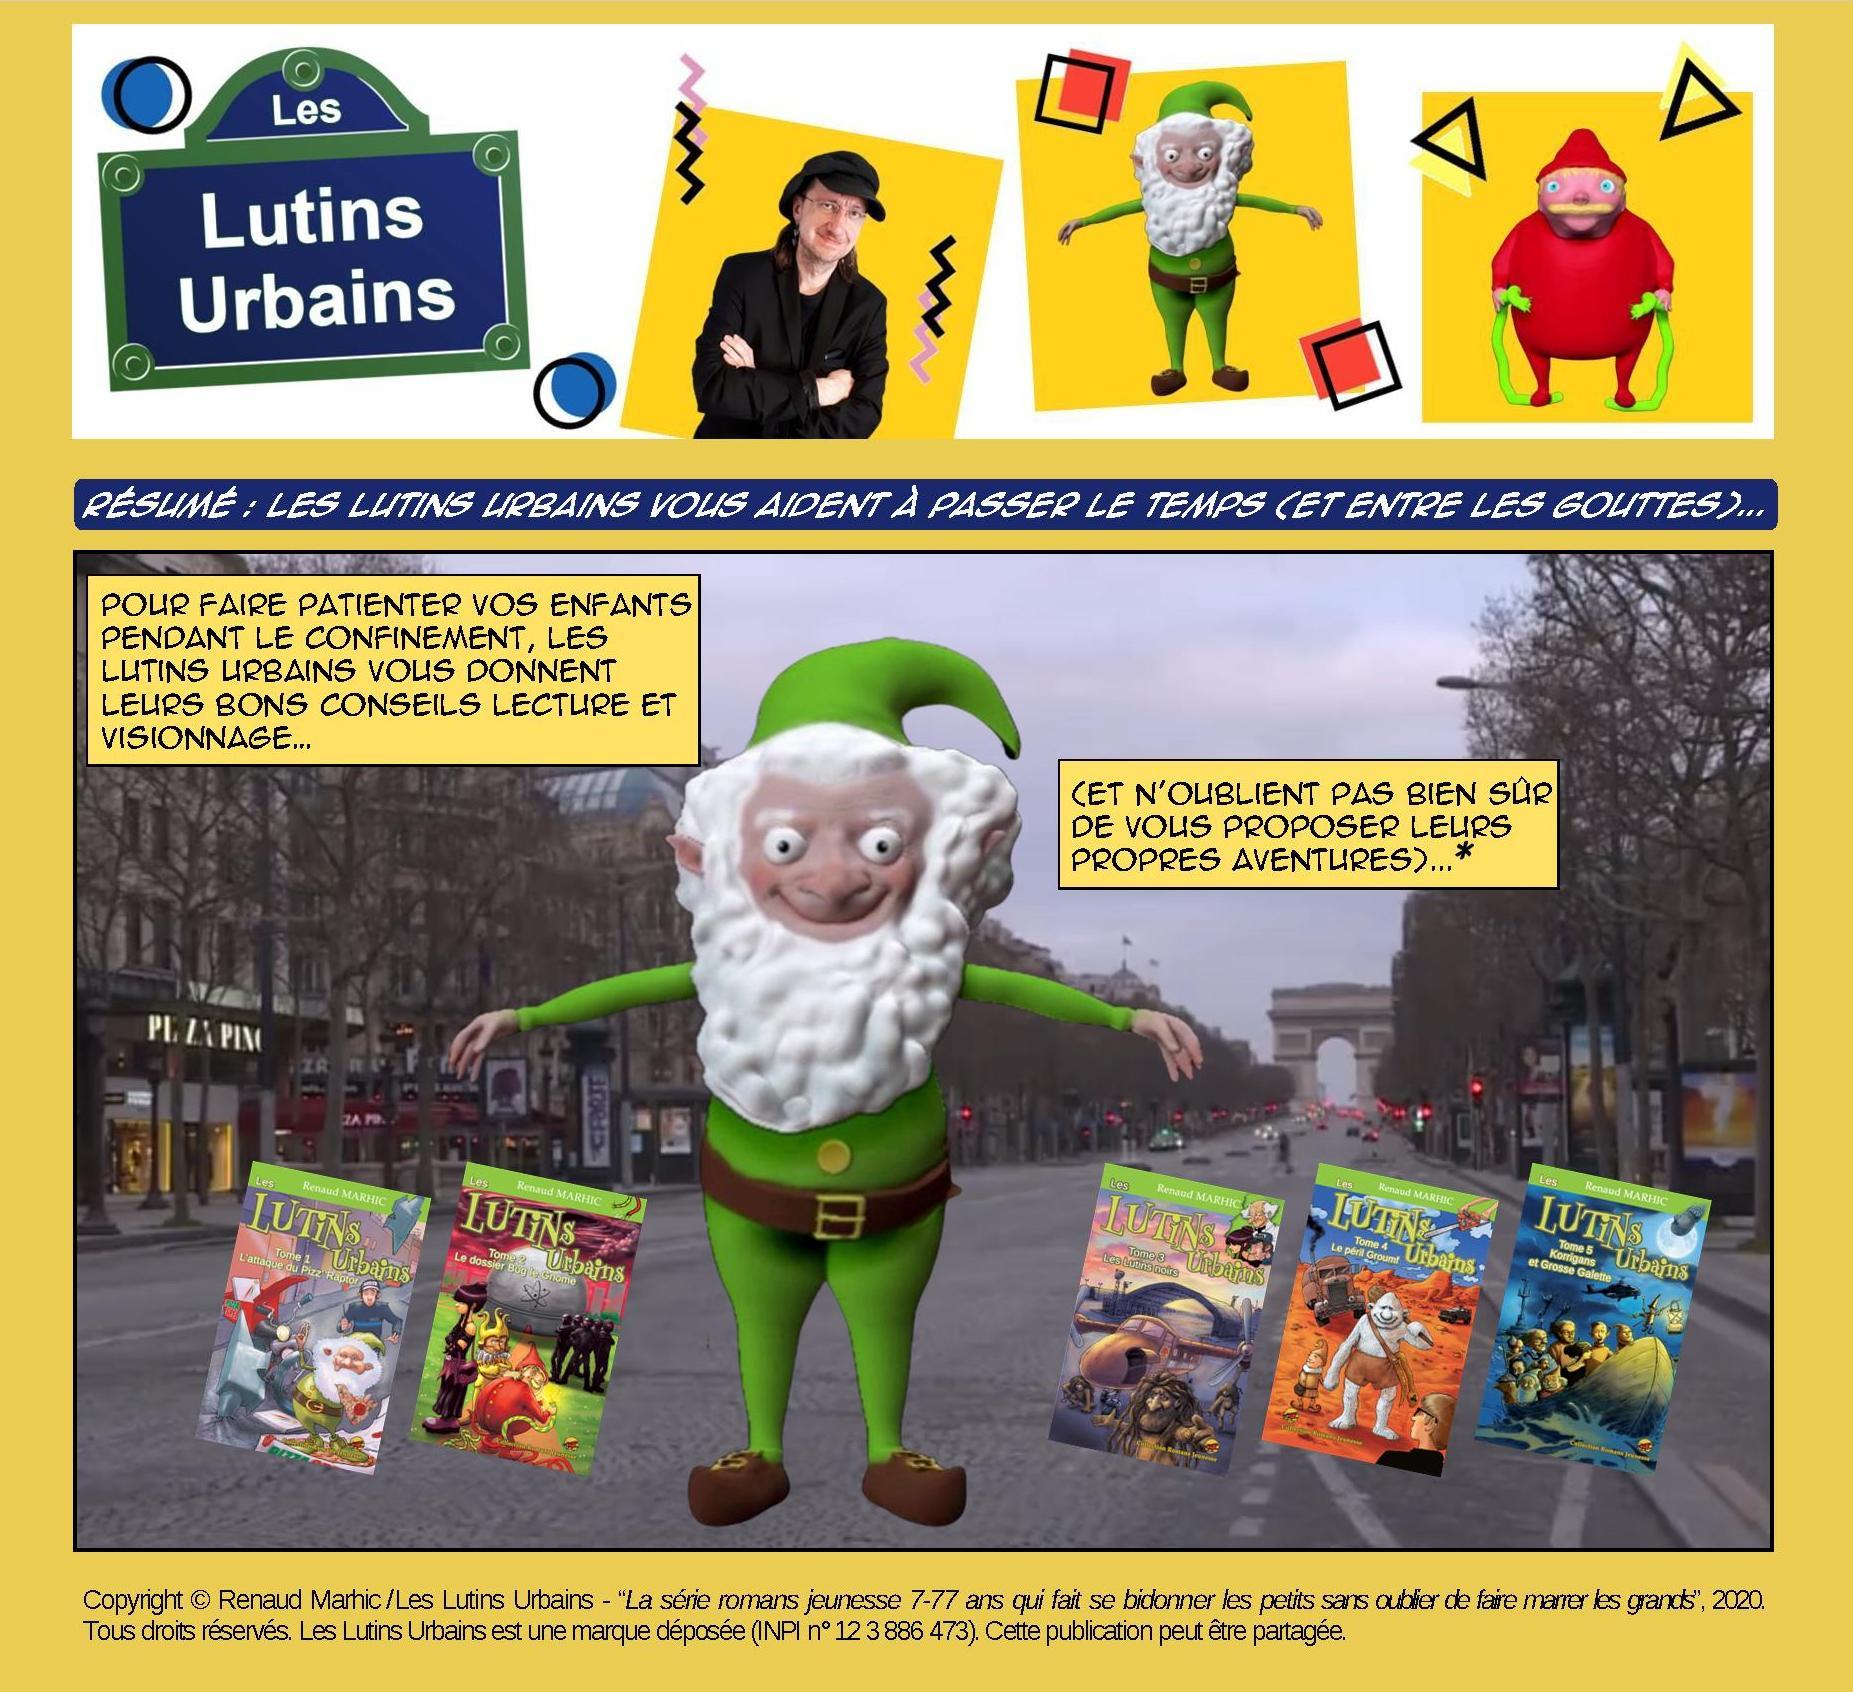 Résumé : Les Lutins urbains vous aident à passer le temps (et entre les gouttes)...